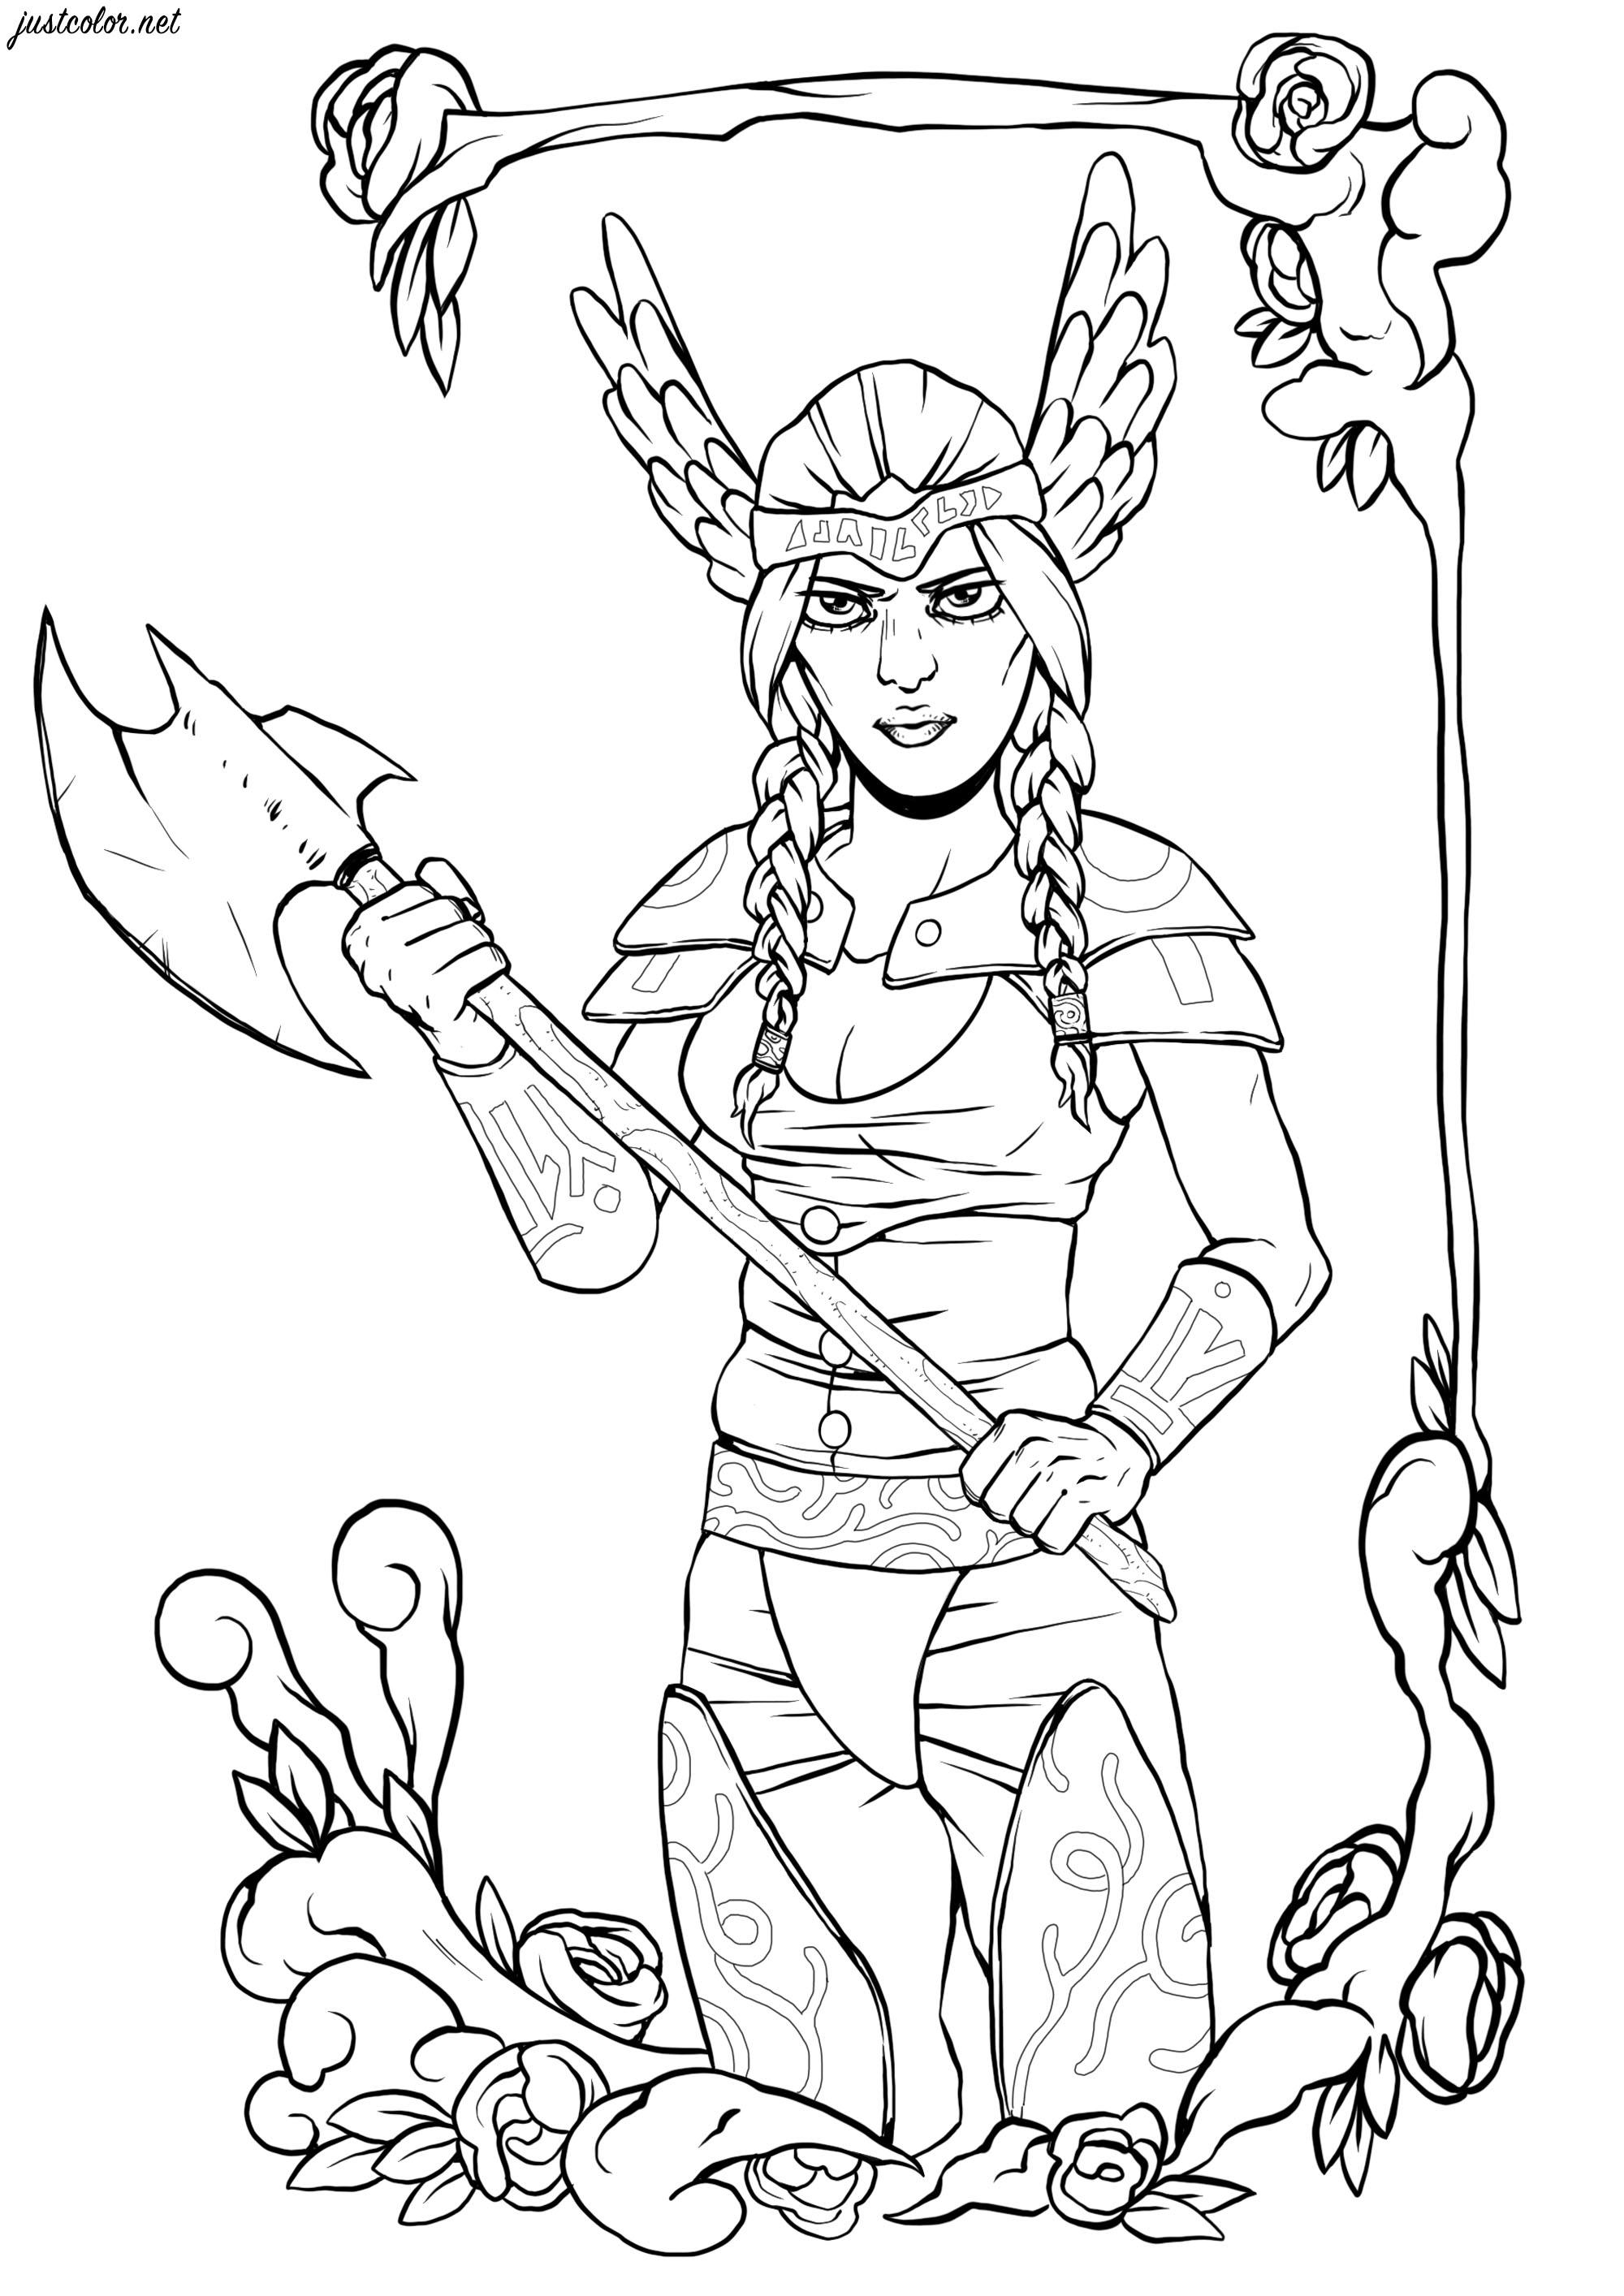 Cette guerrière viking est prête à se battre avec sa hache